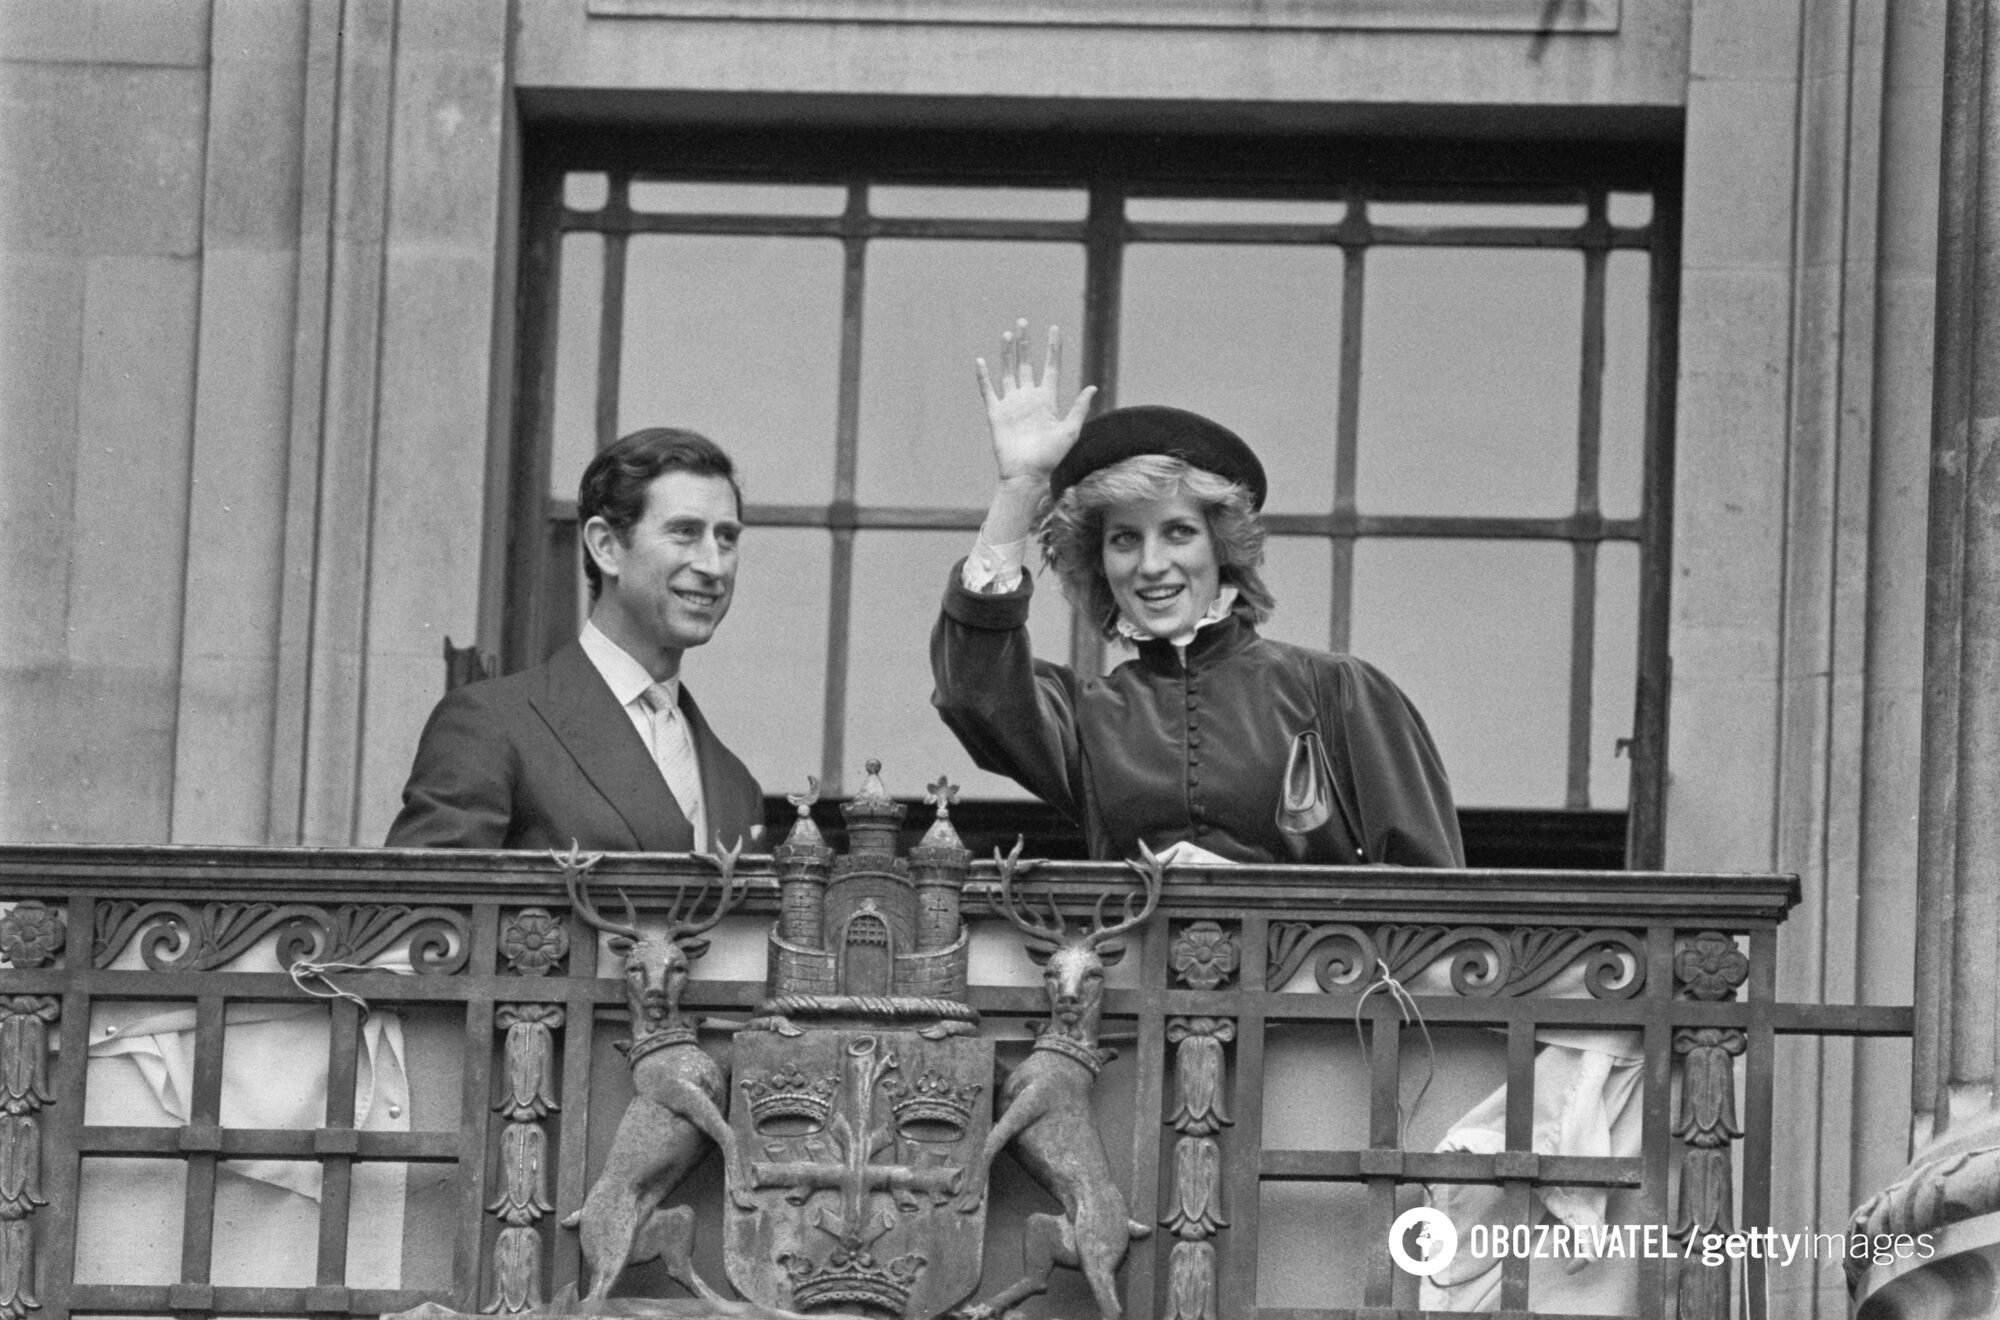 Архивное фото королевской пары